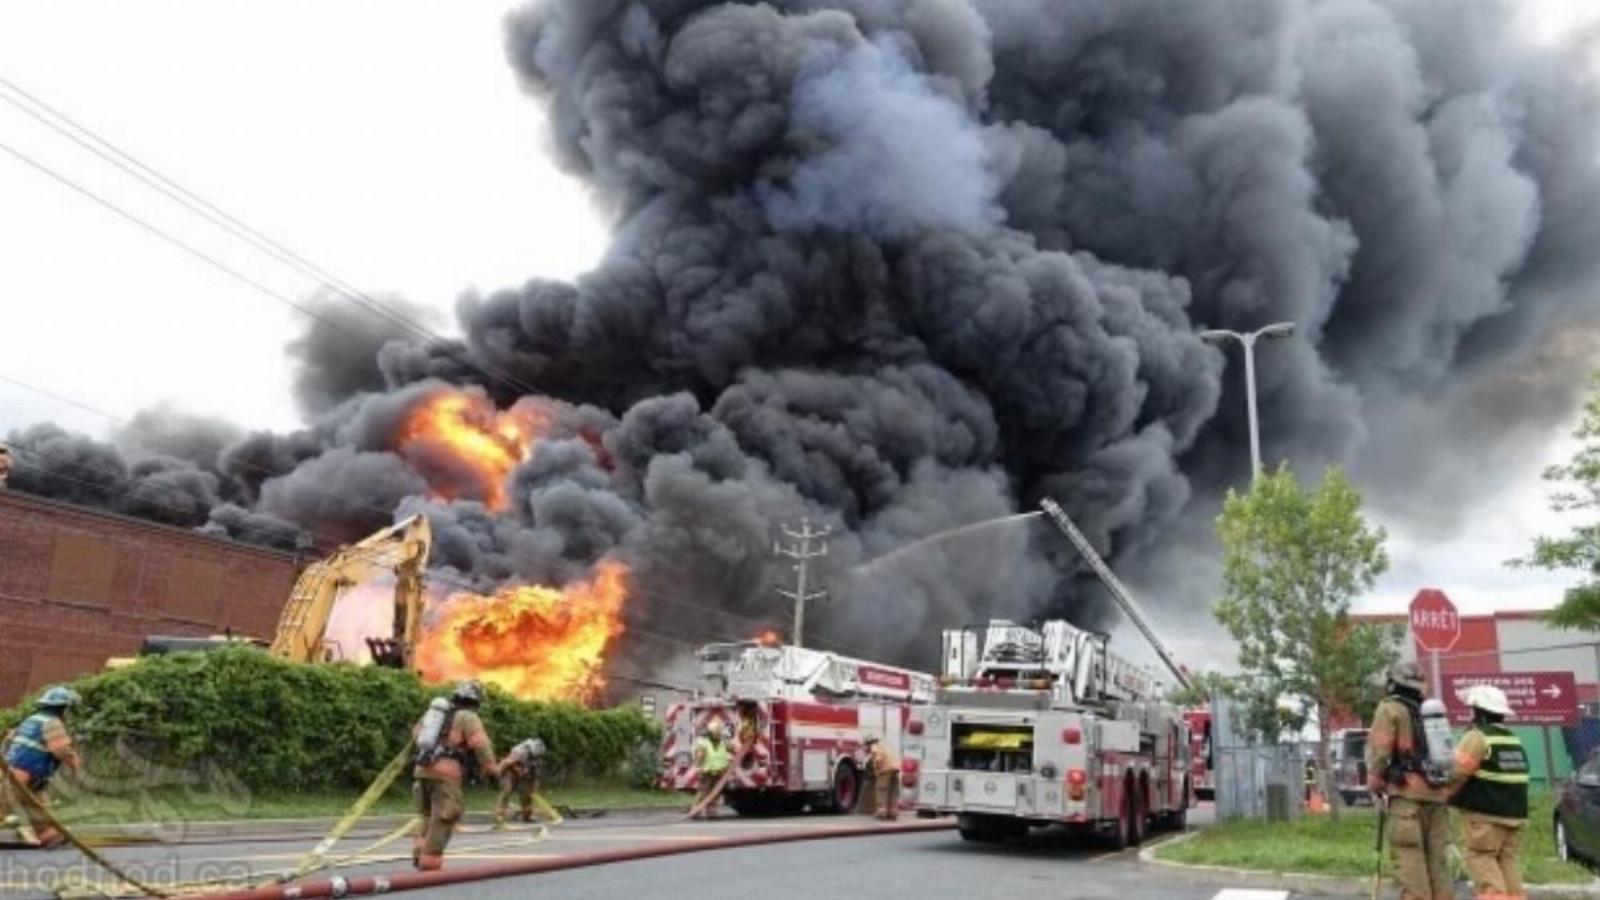 آتش سوزی بزرگ در لونگوی 3 کشته و 8 زخمی به جای گذاشت